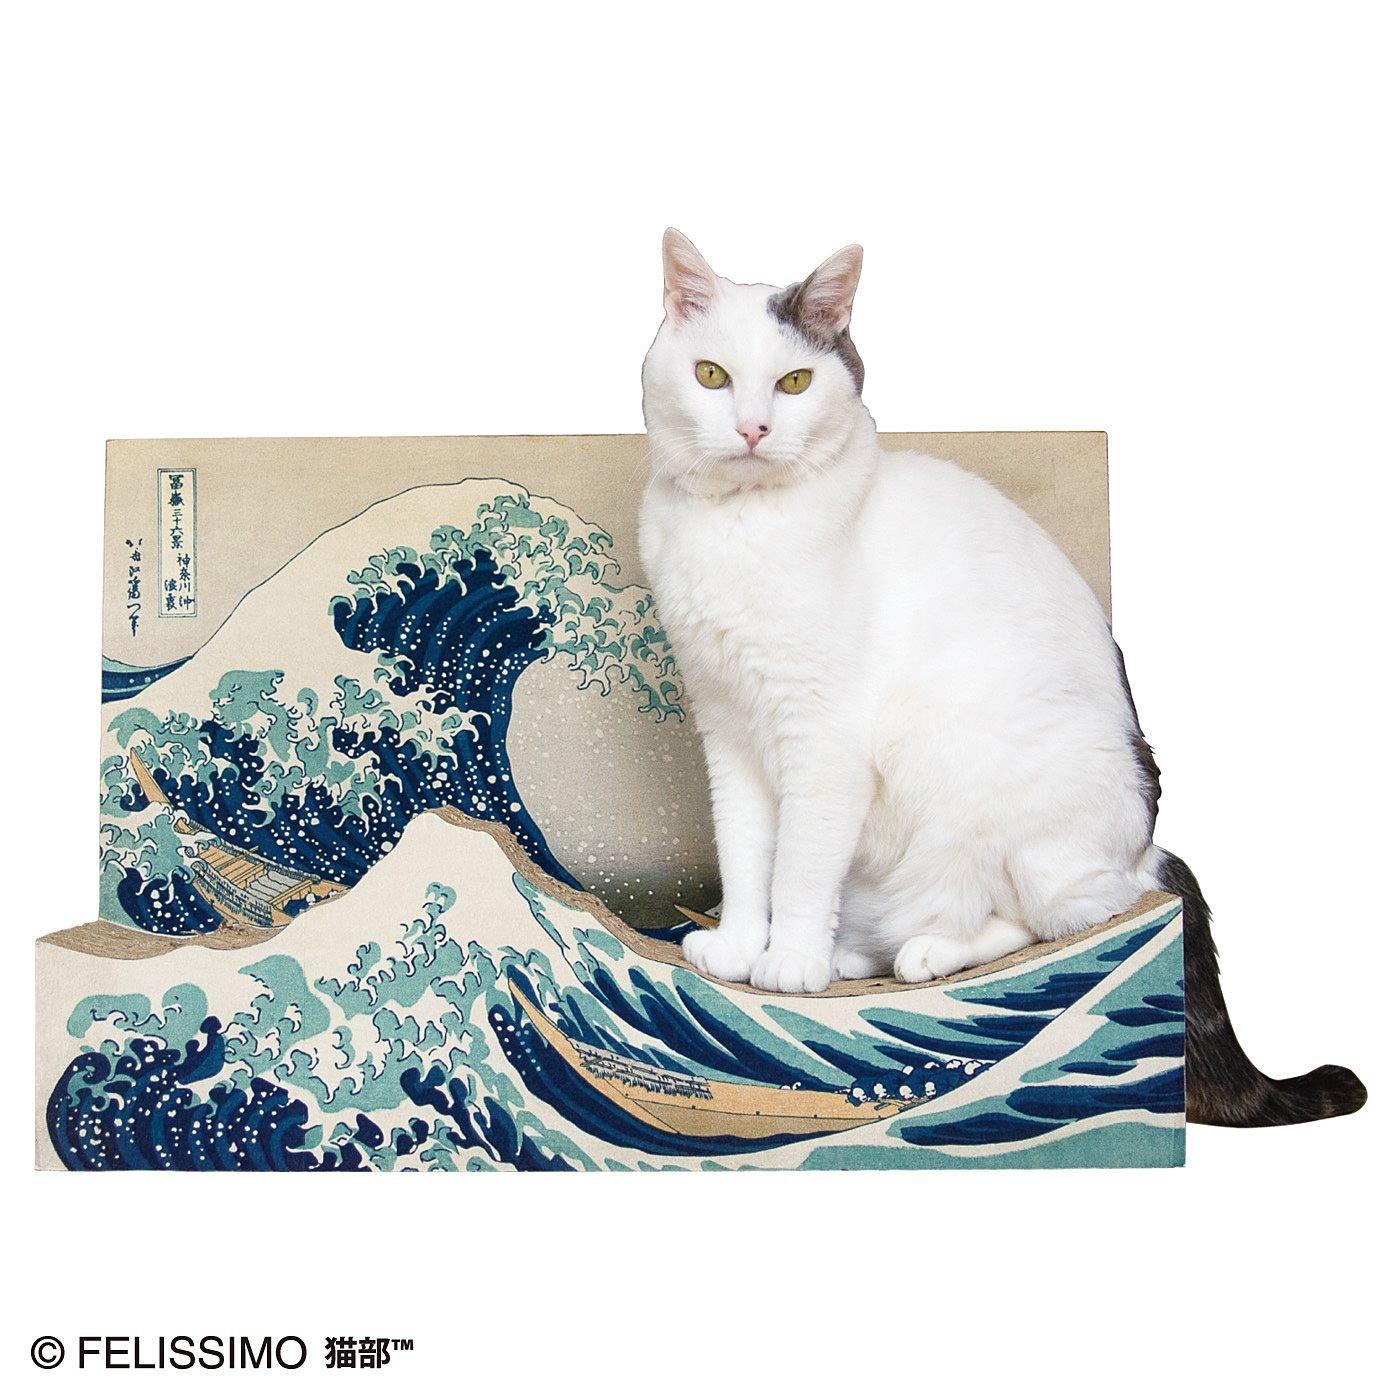 猫部×ミュージアム部 名画をたしなむ猫のつめとぎ〈葛飾北斎 神奈川沖浪裏〉